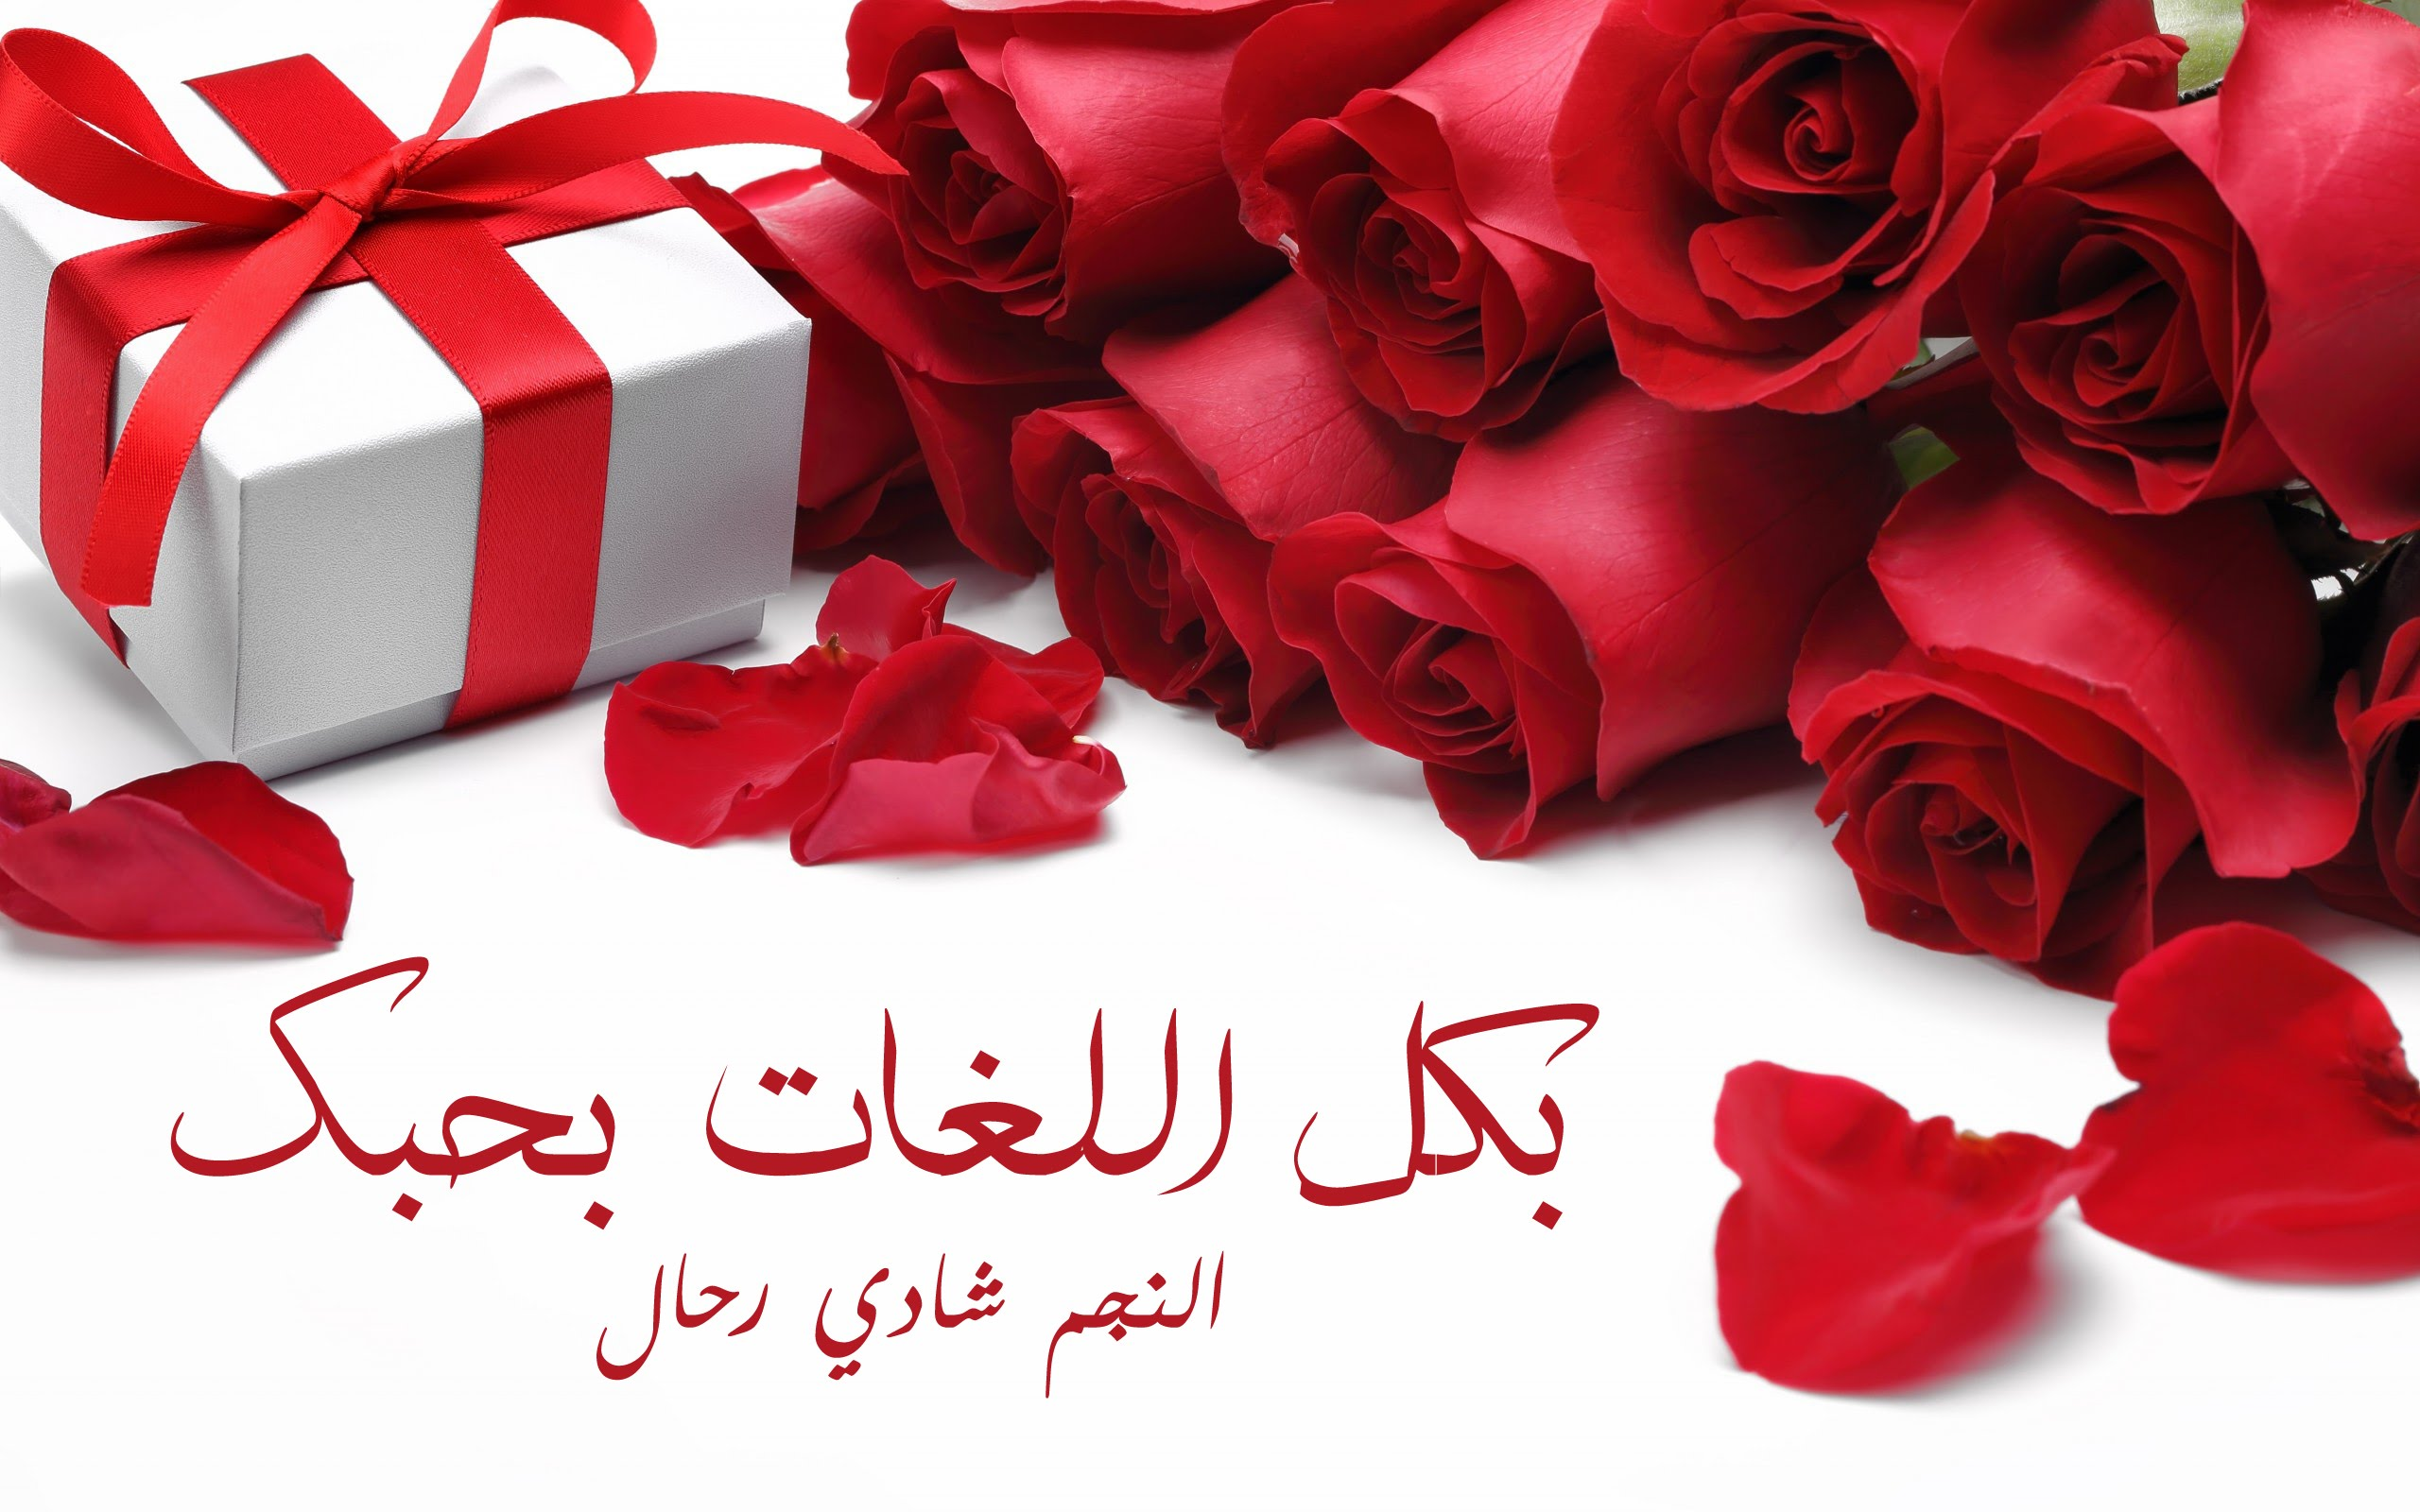 بالصور كلمة بحبك , صور بحبك بكل اللغات 4182 10